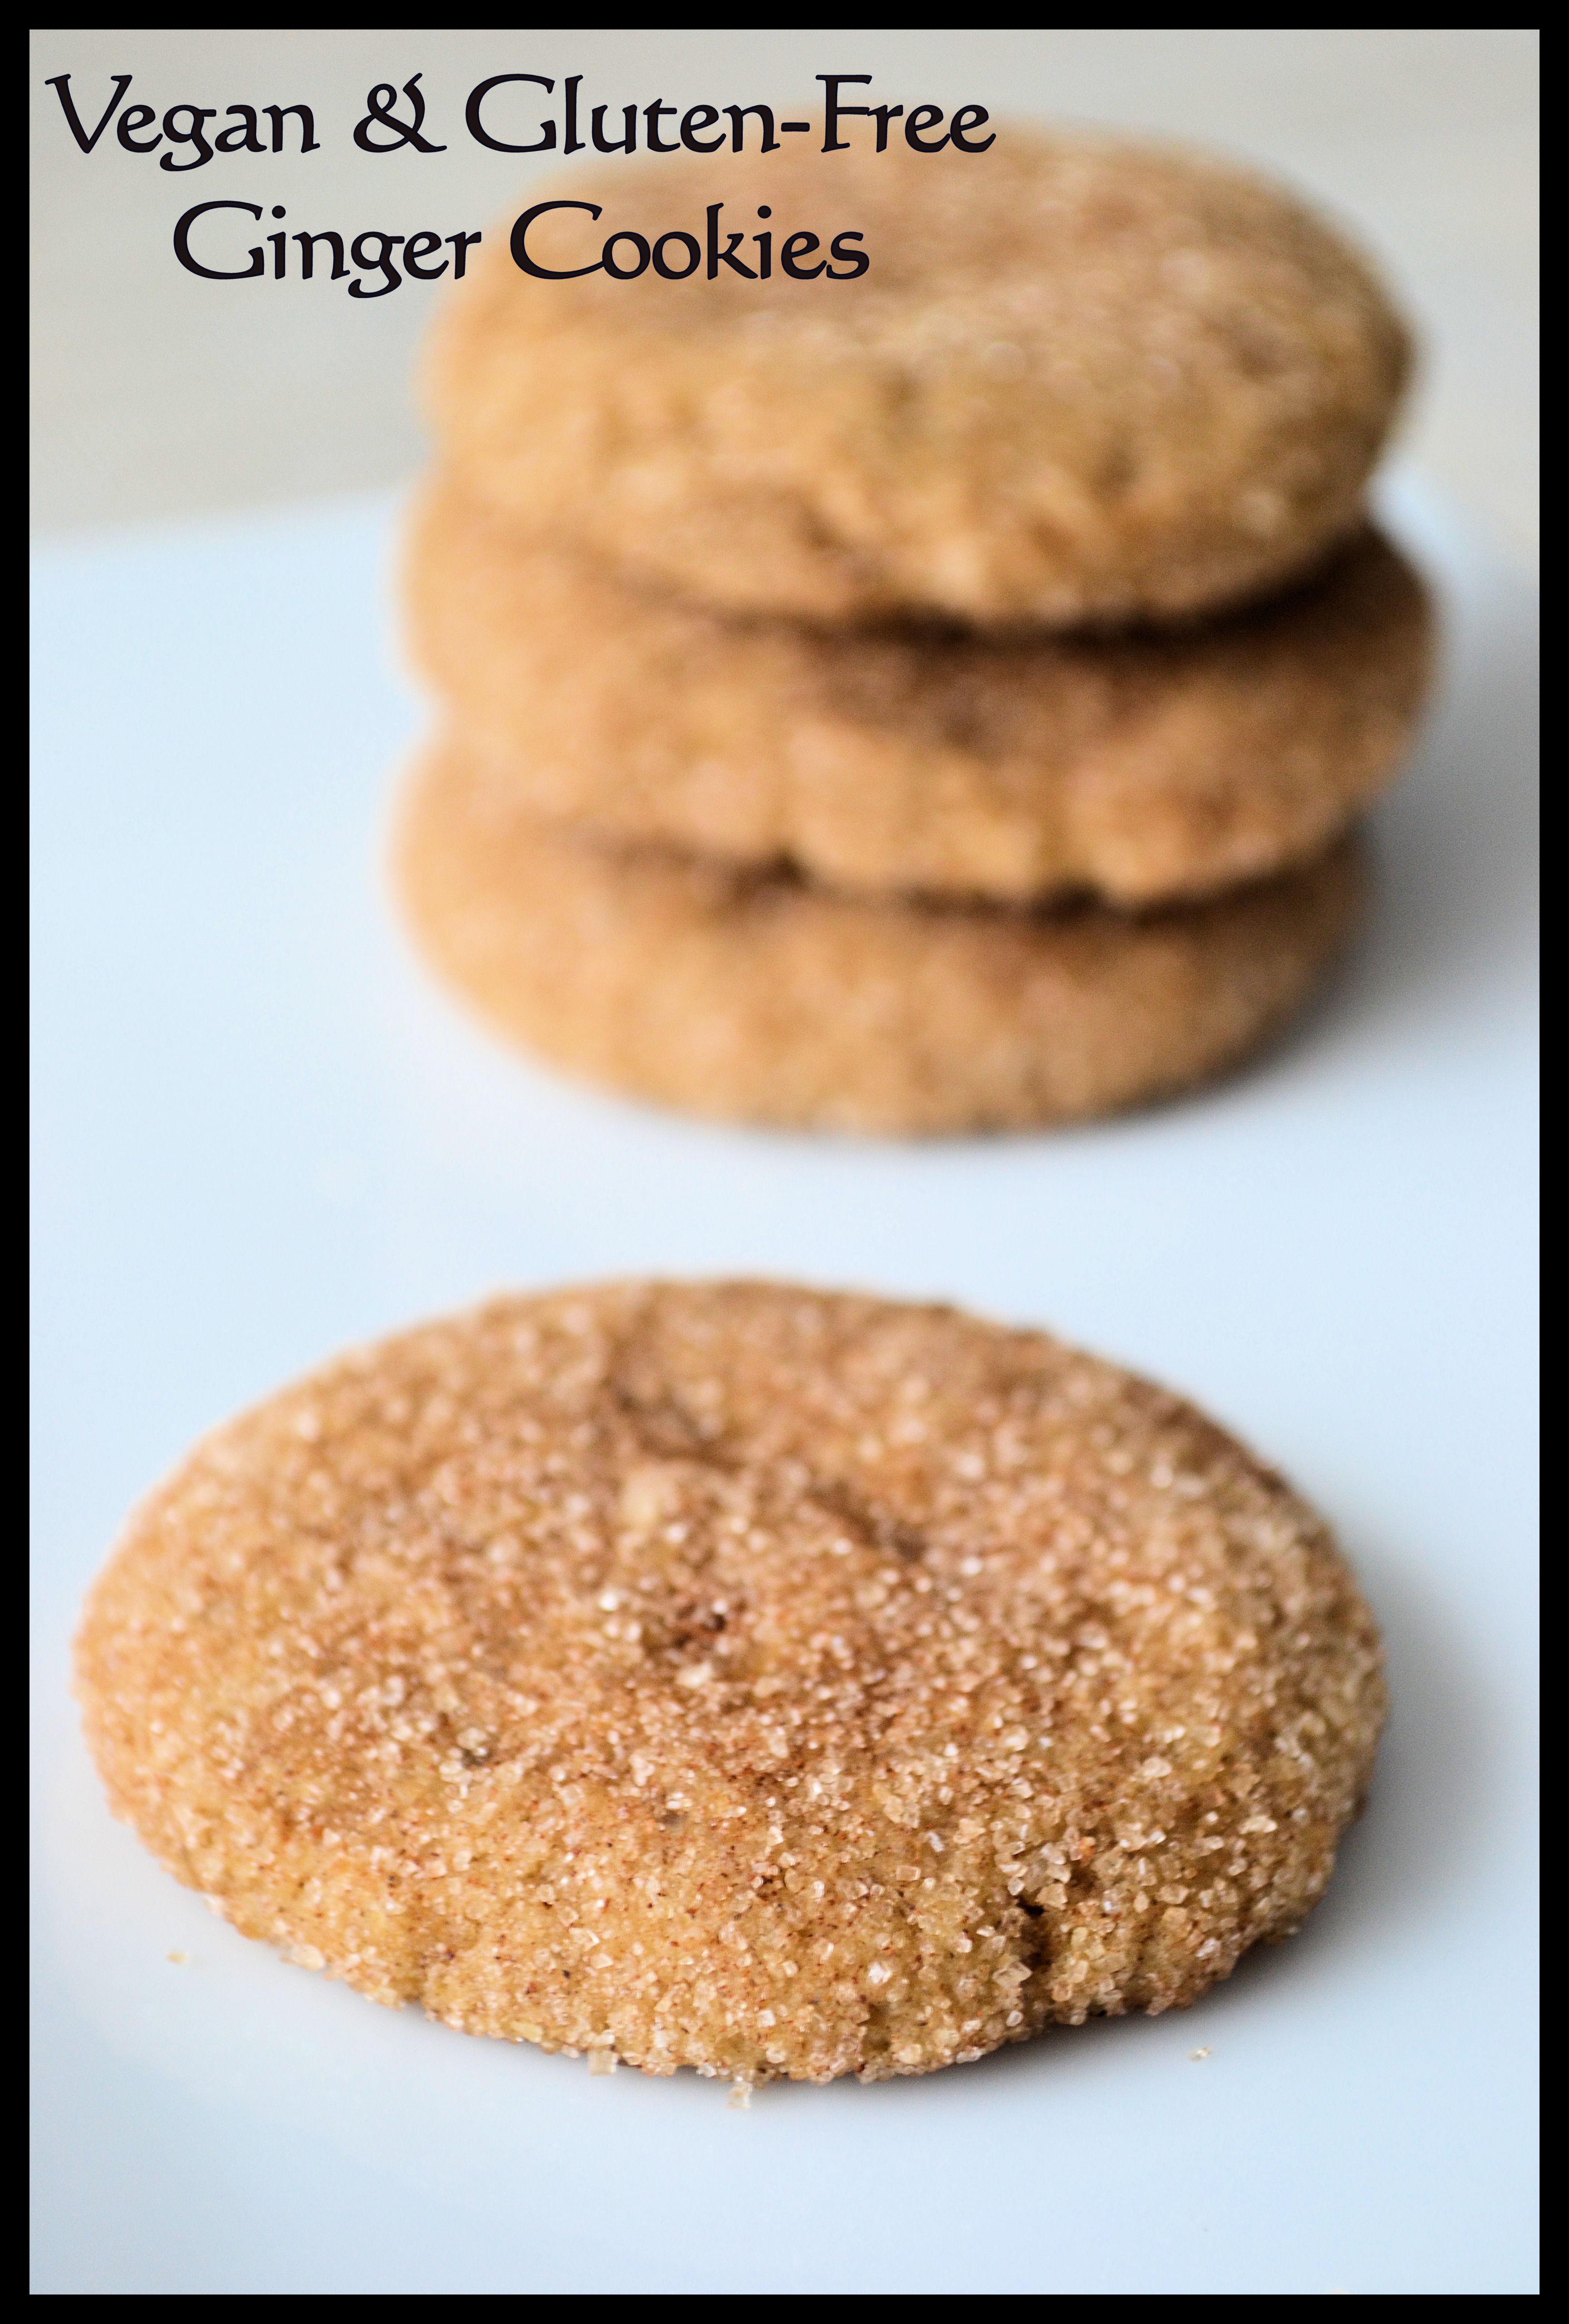 Vegan & Gluten-free Ginger Cookies